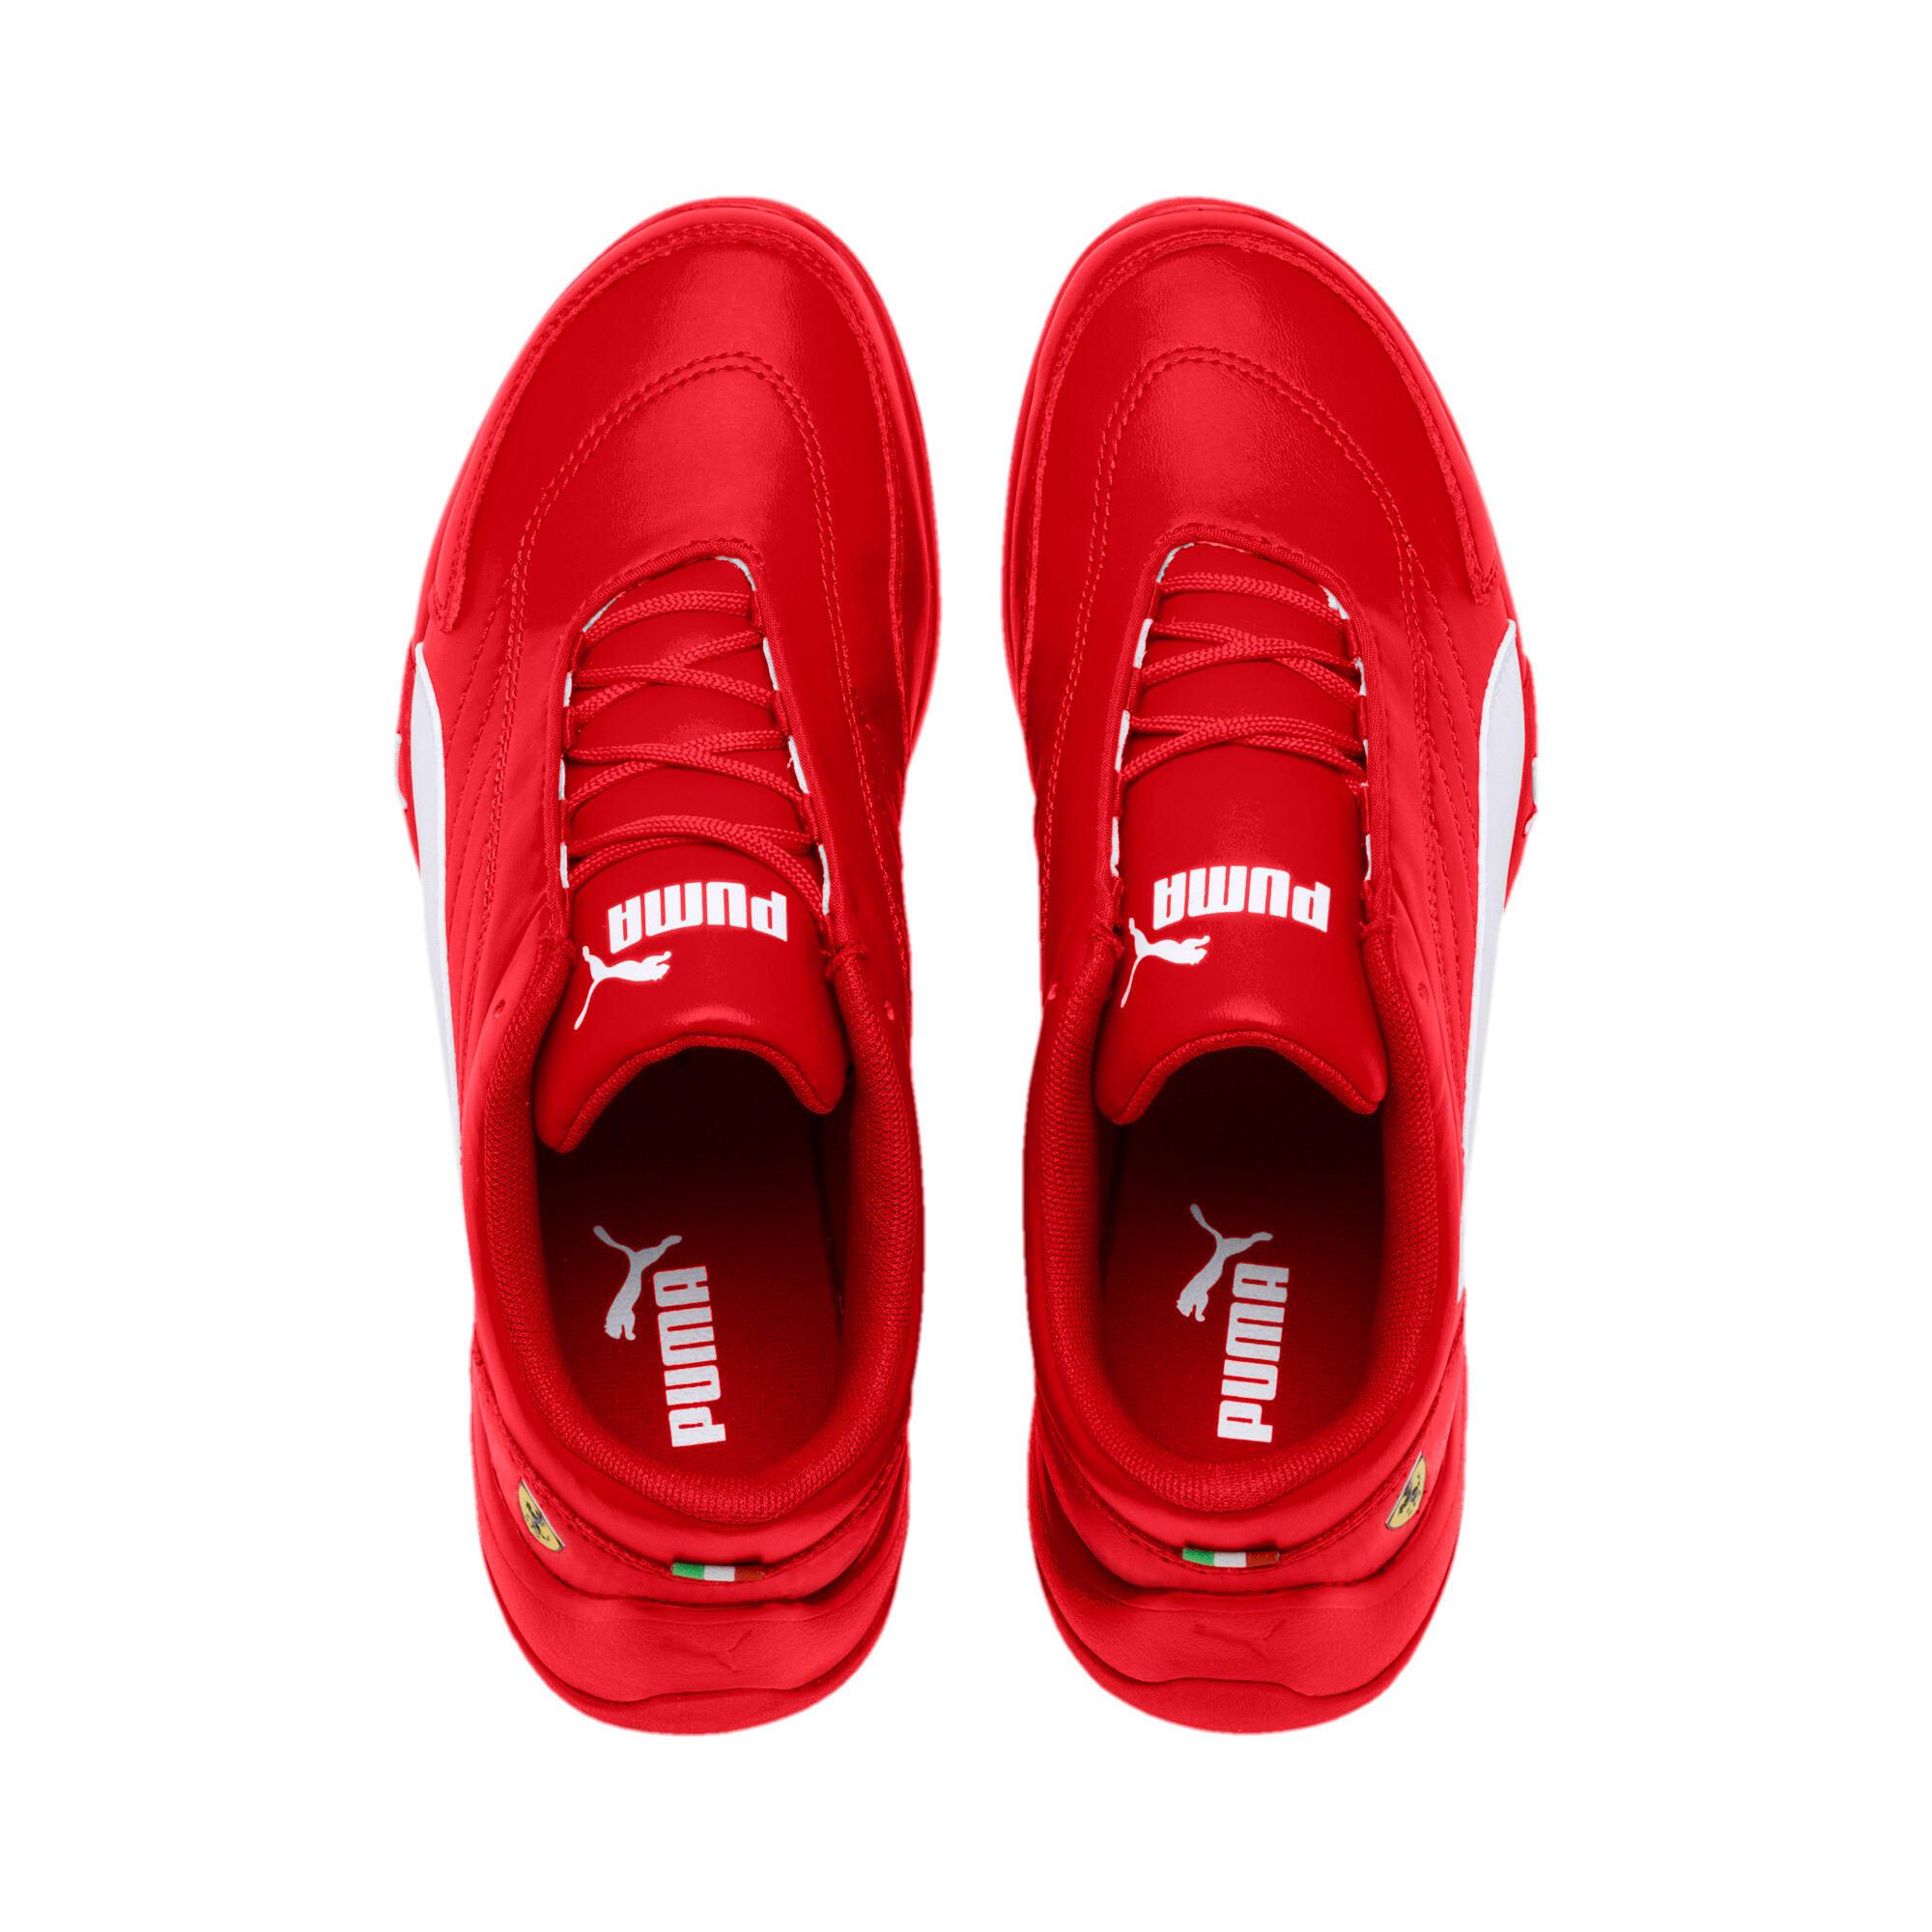 Miniatura 6 de Zapatos Scuderia Ferrari Kart Cat III JR, Rosso Corsa-Wht-Rosso Corsa, mediano